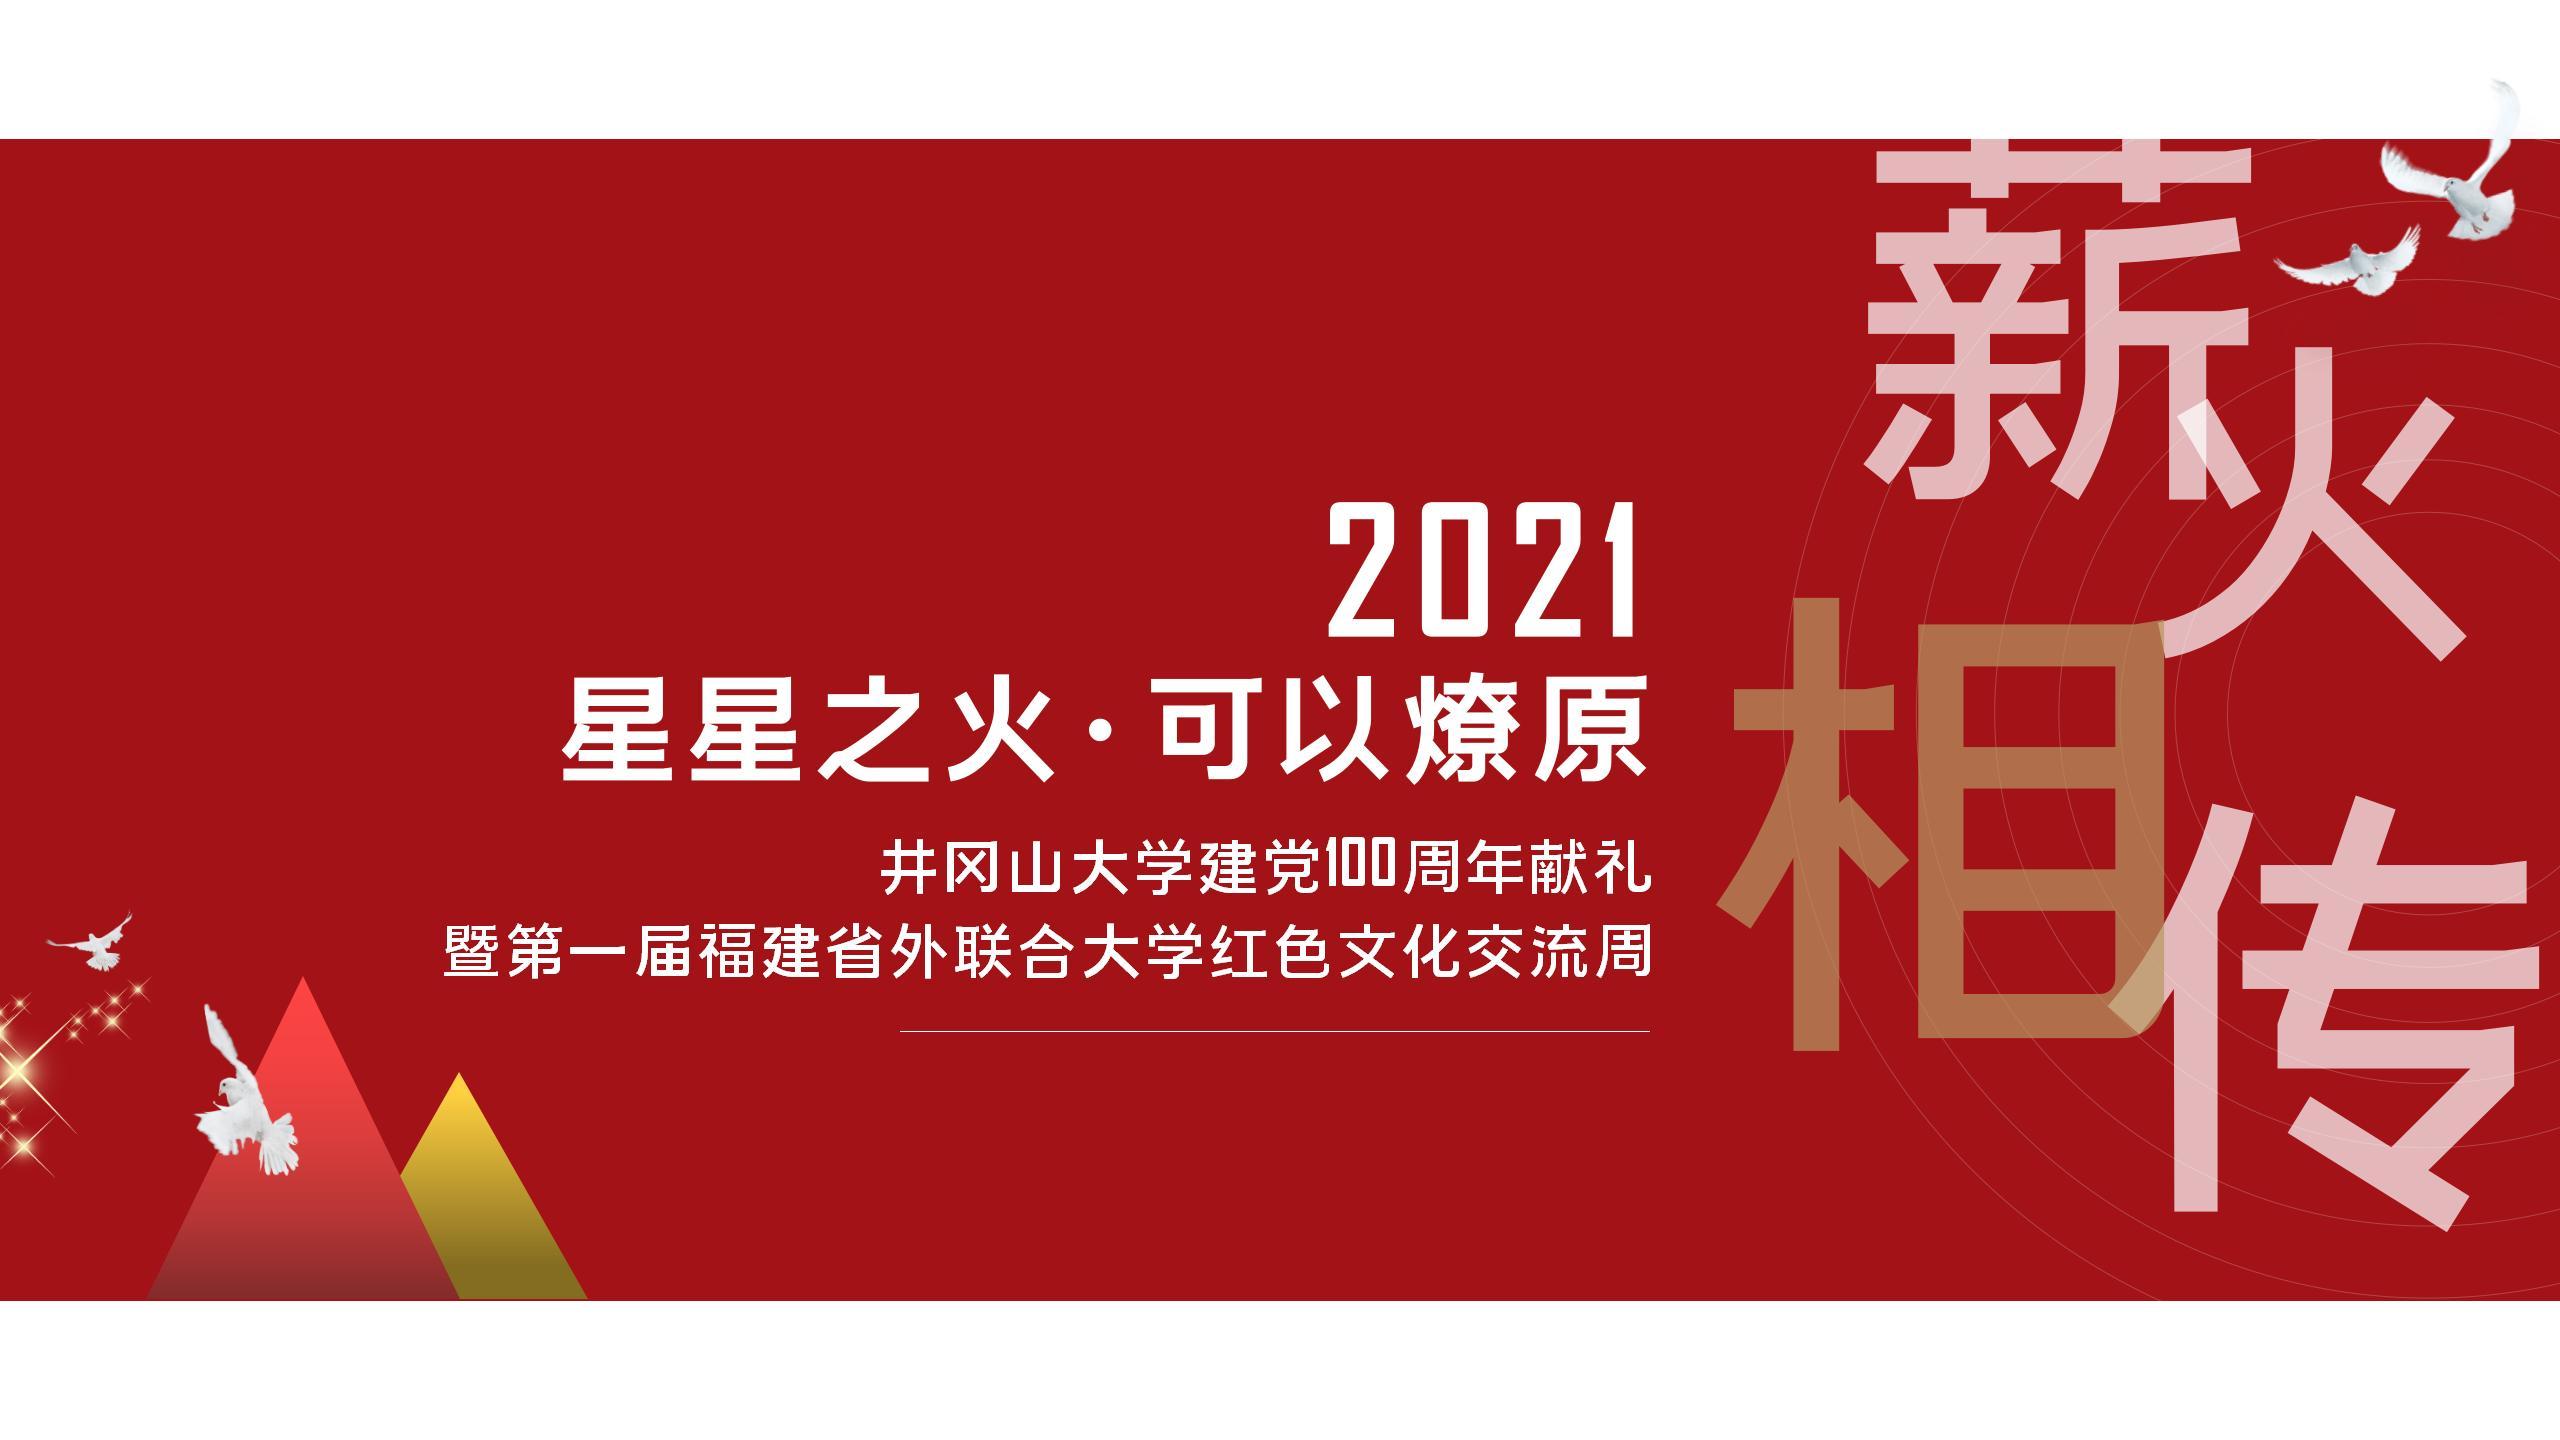 """021知名大学建党100周年,暨红色文化交流周活动策划方案"""""""